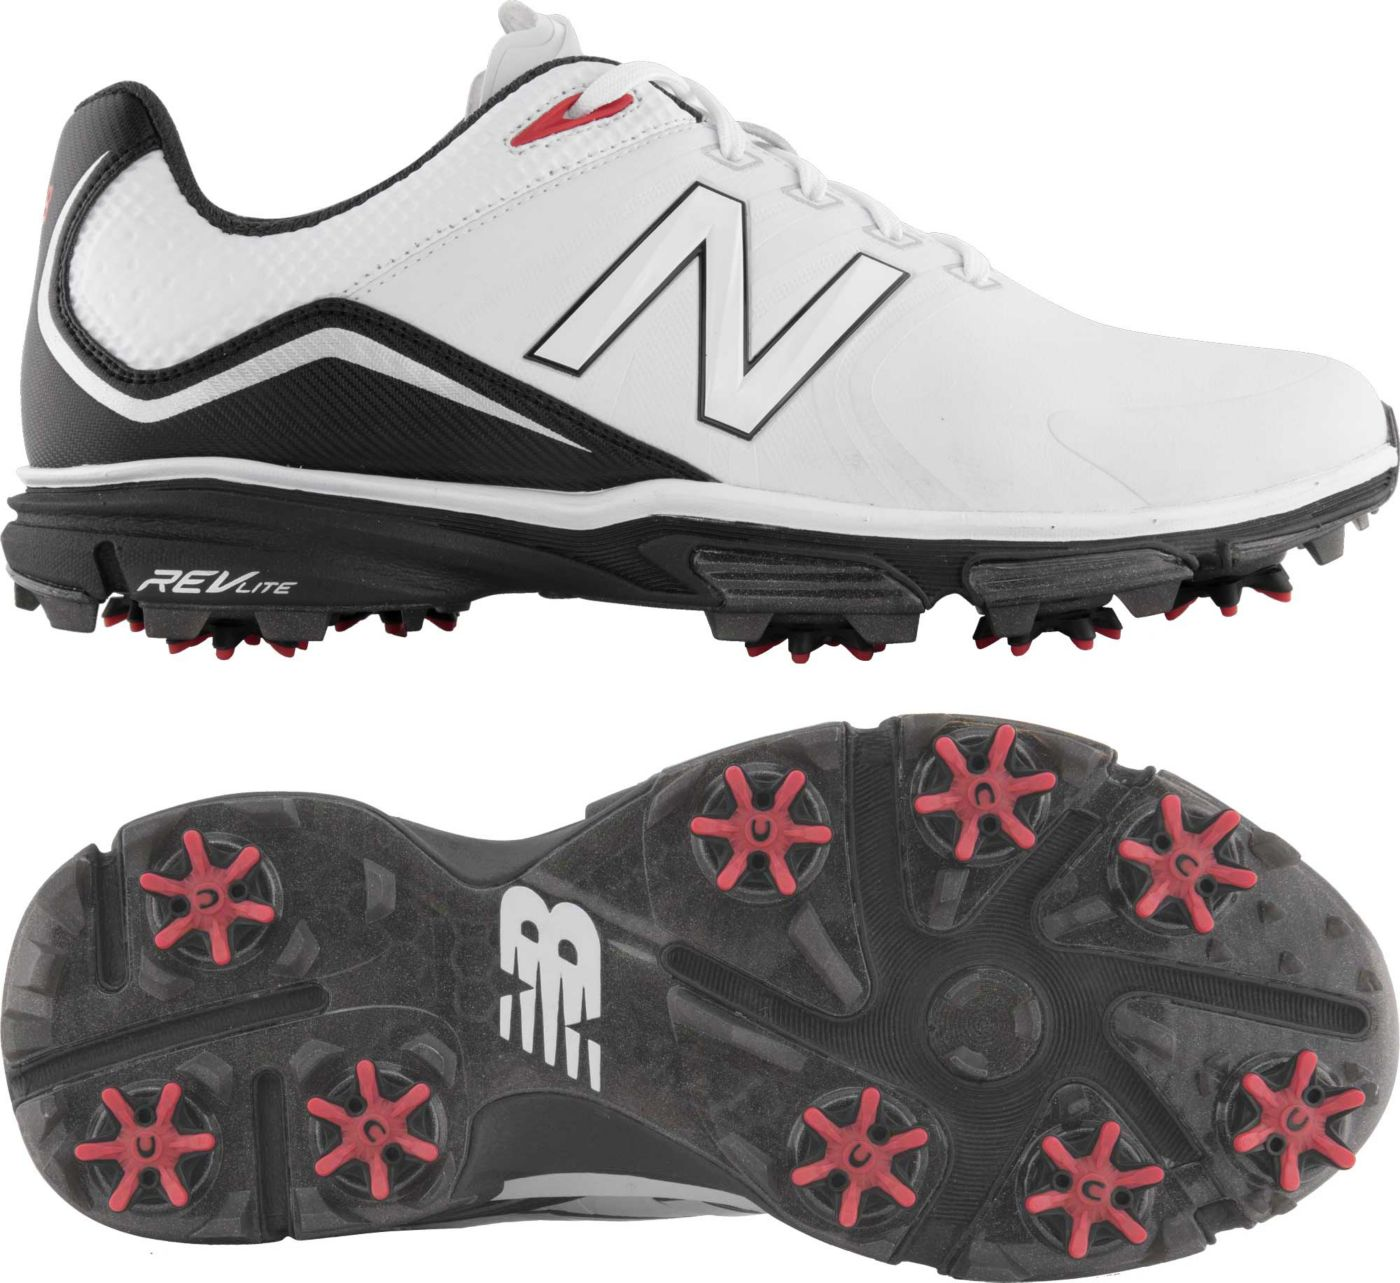 New Balance NBG 3001 Golf Shoes